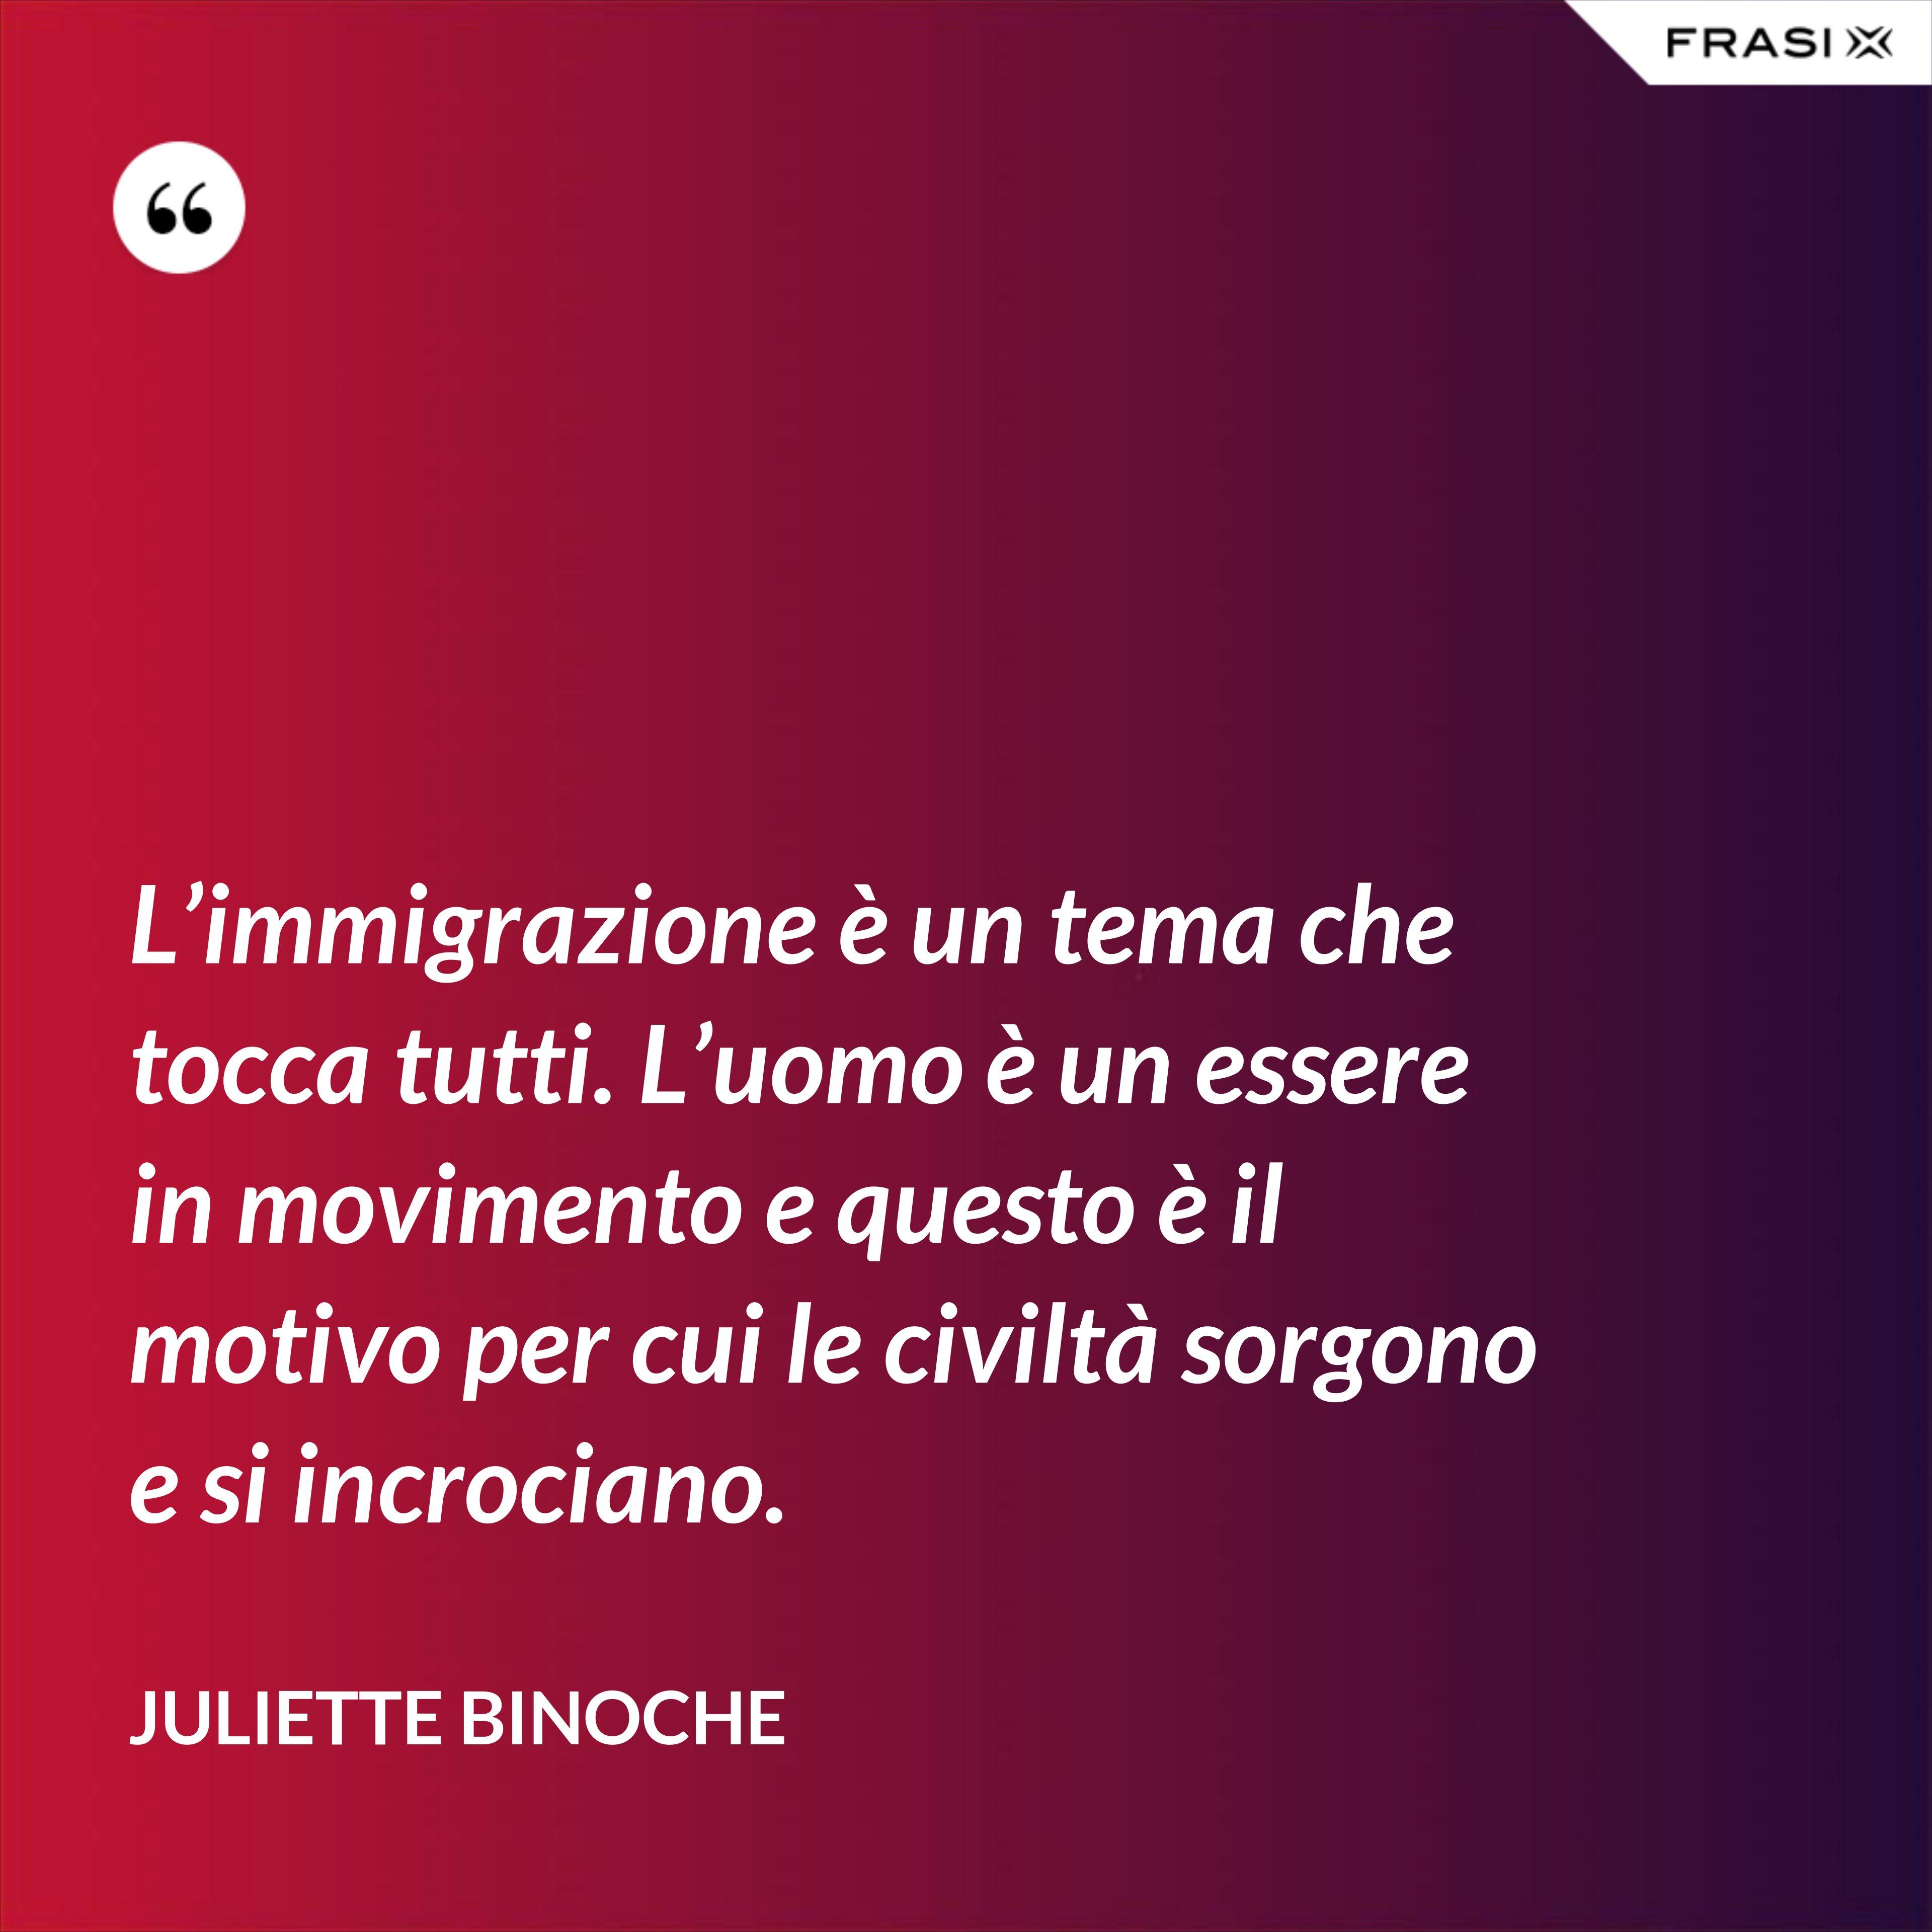 L'immigrazione è un tema che tocca tutti. L'uomo è un essere in movimento e questo è il motivo per cui le civiltà sorgono e si incrociano. - Juliette Binoche